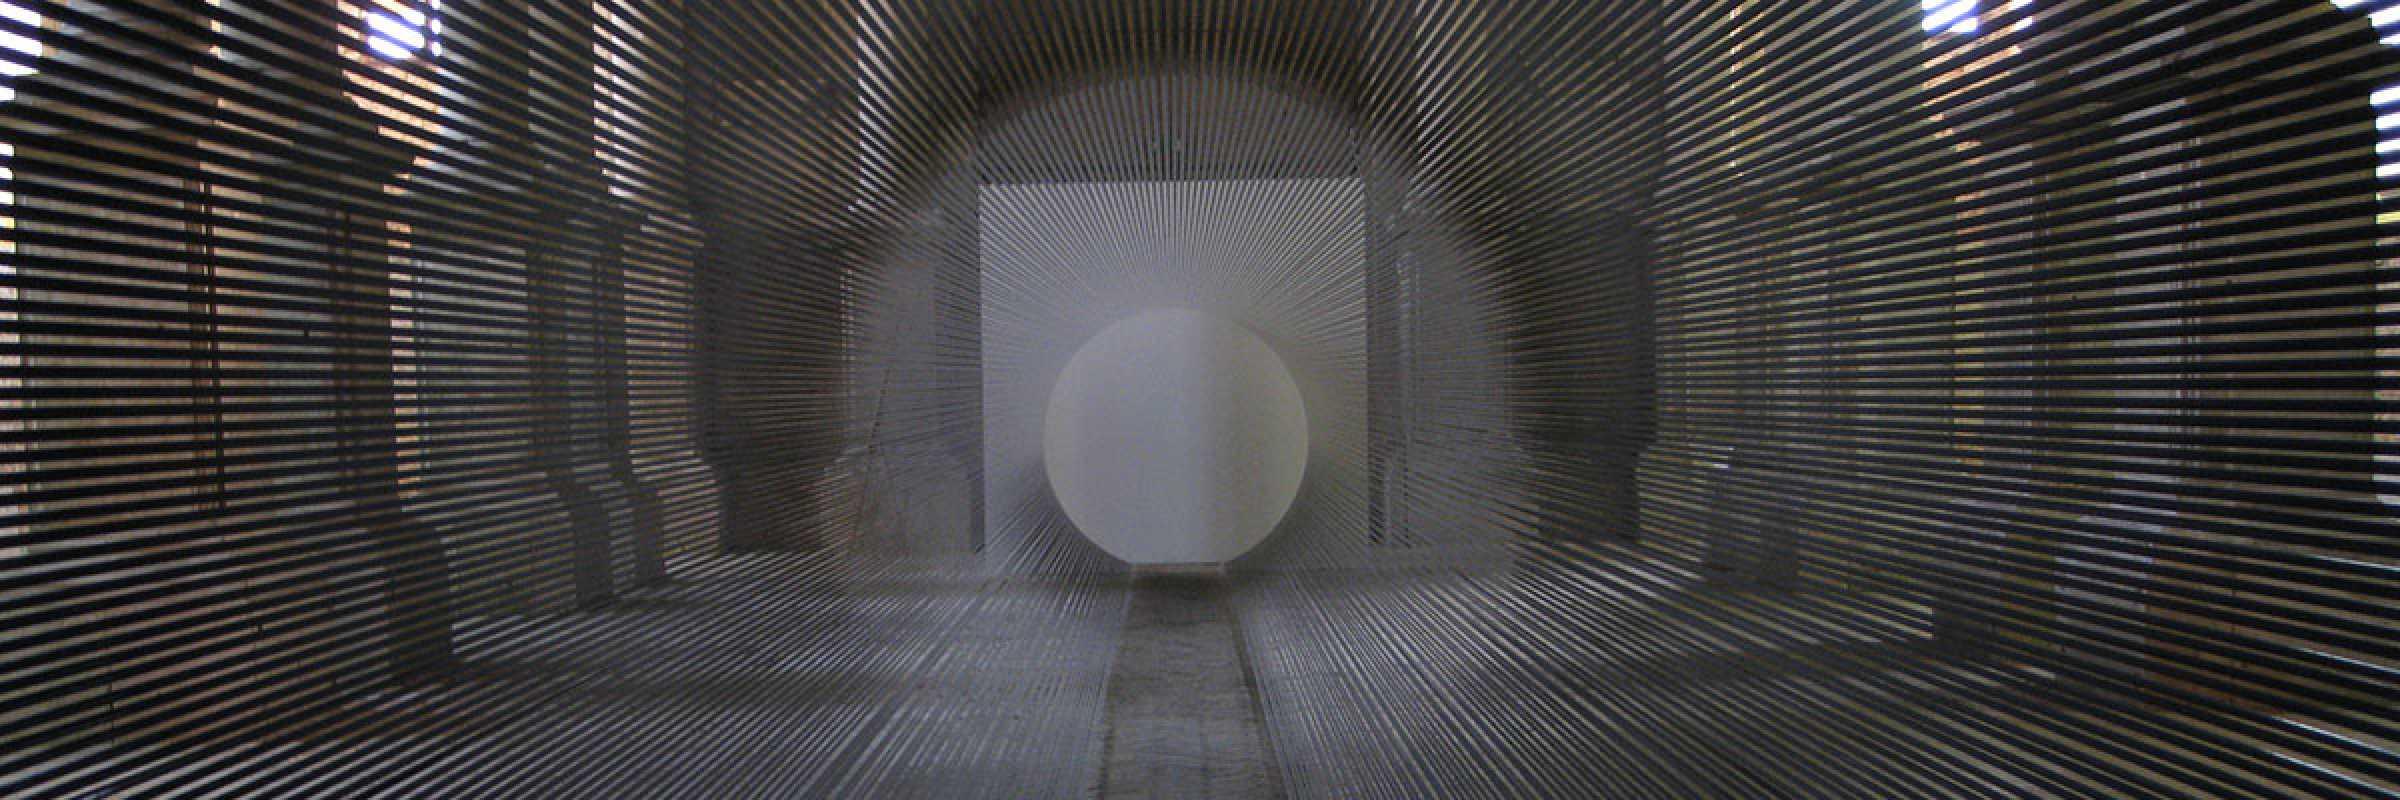 Venice Biennale of Art